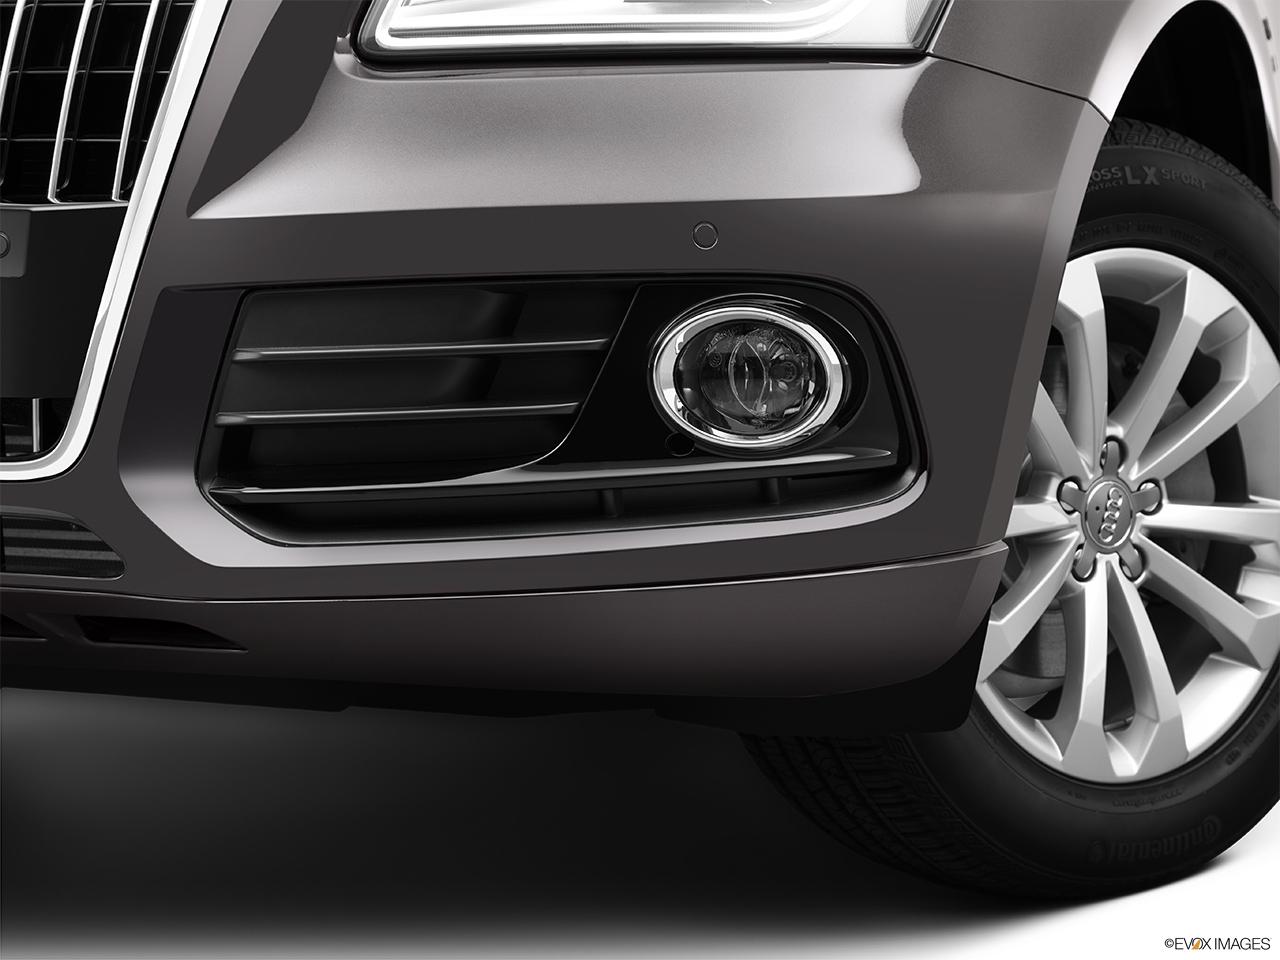 Audi Q5 quattro 3.0L TDI Prestige - Photos | CarNow.com